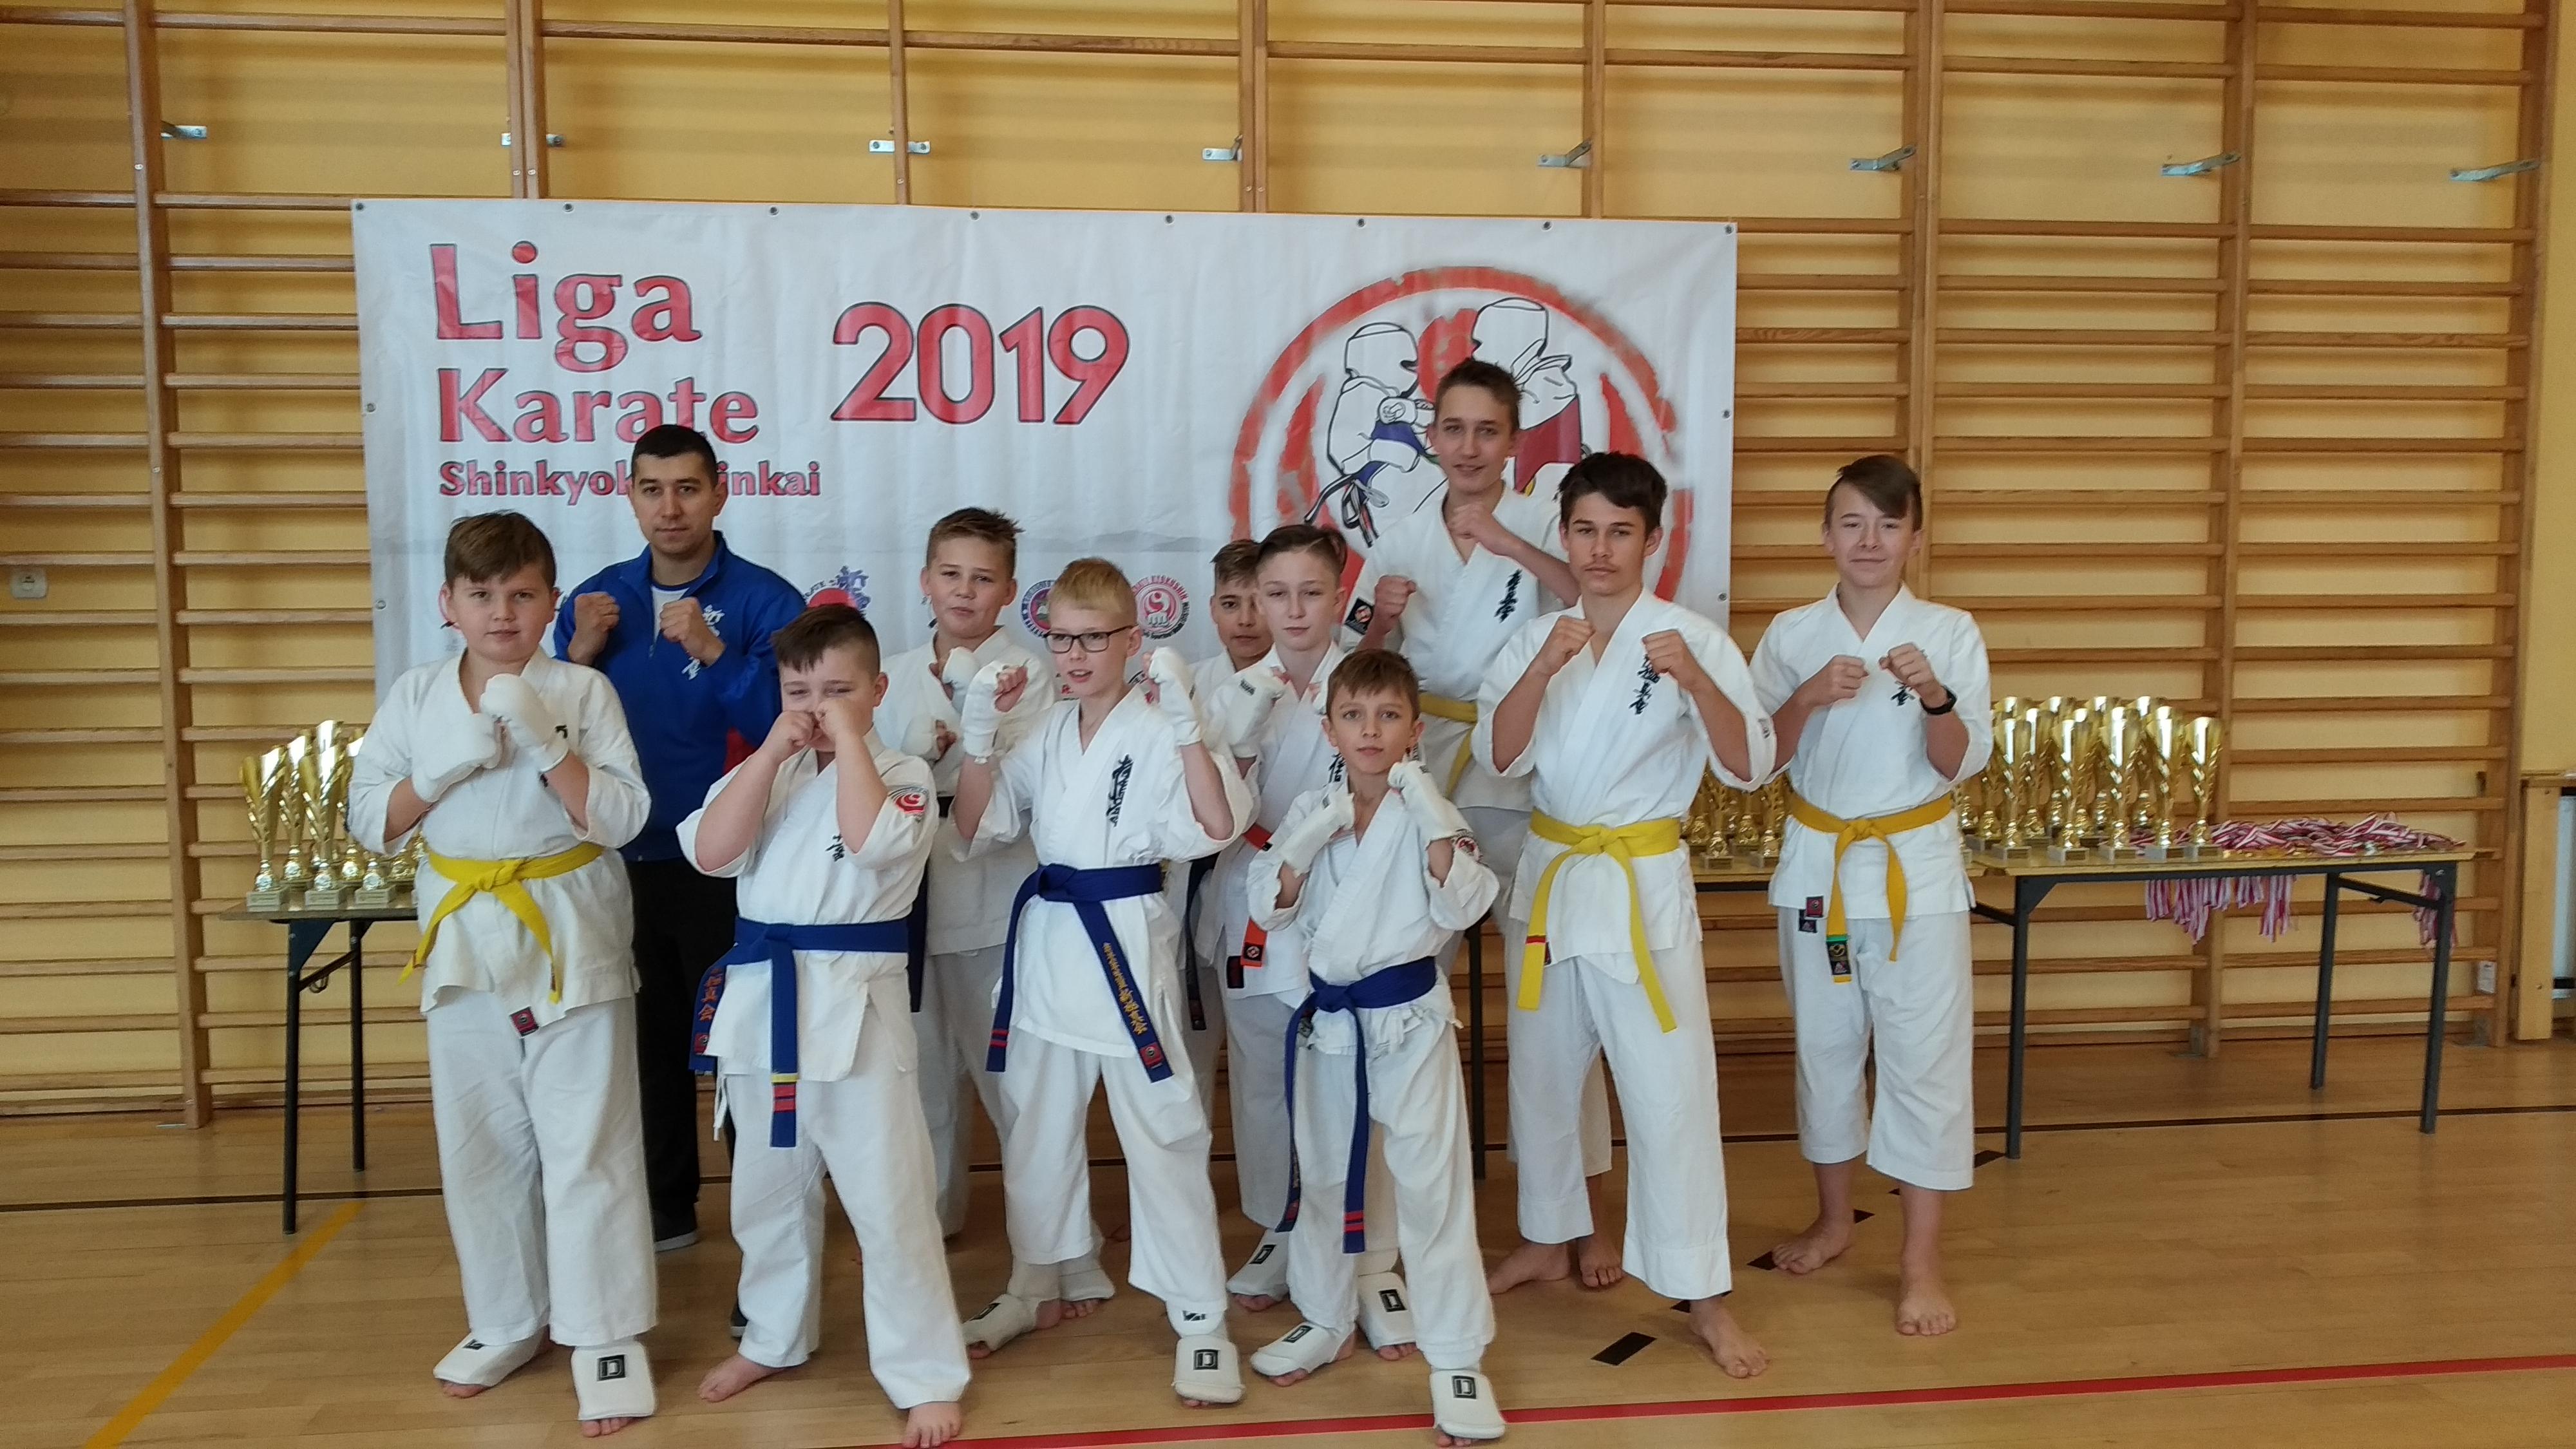 Zawodnicy z Kolbuszowskiego Klubu Karate wrócili z medalami i pucharami - Zdjęcie główne